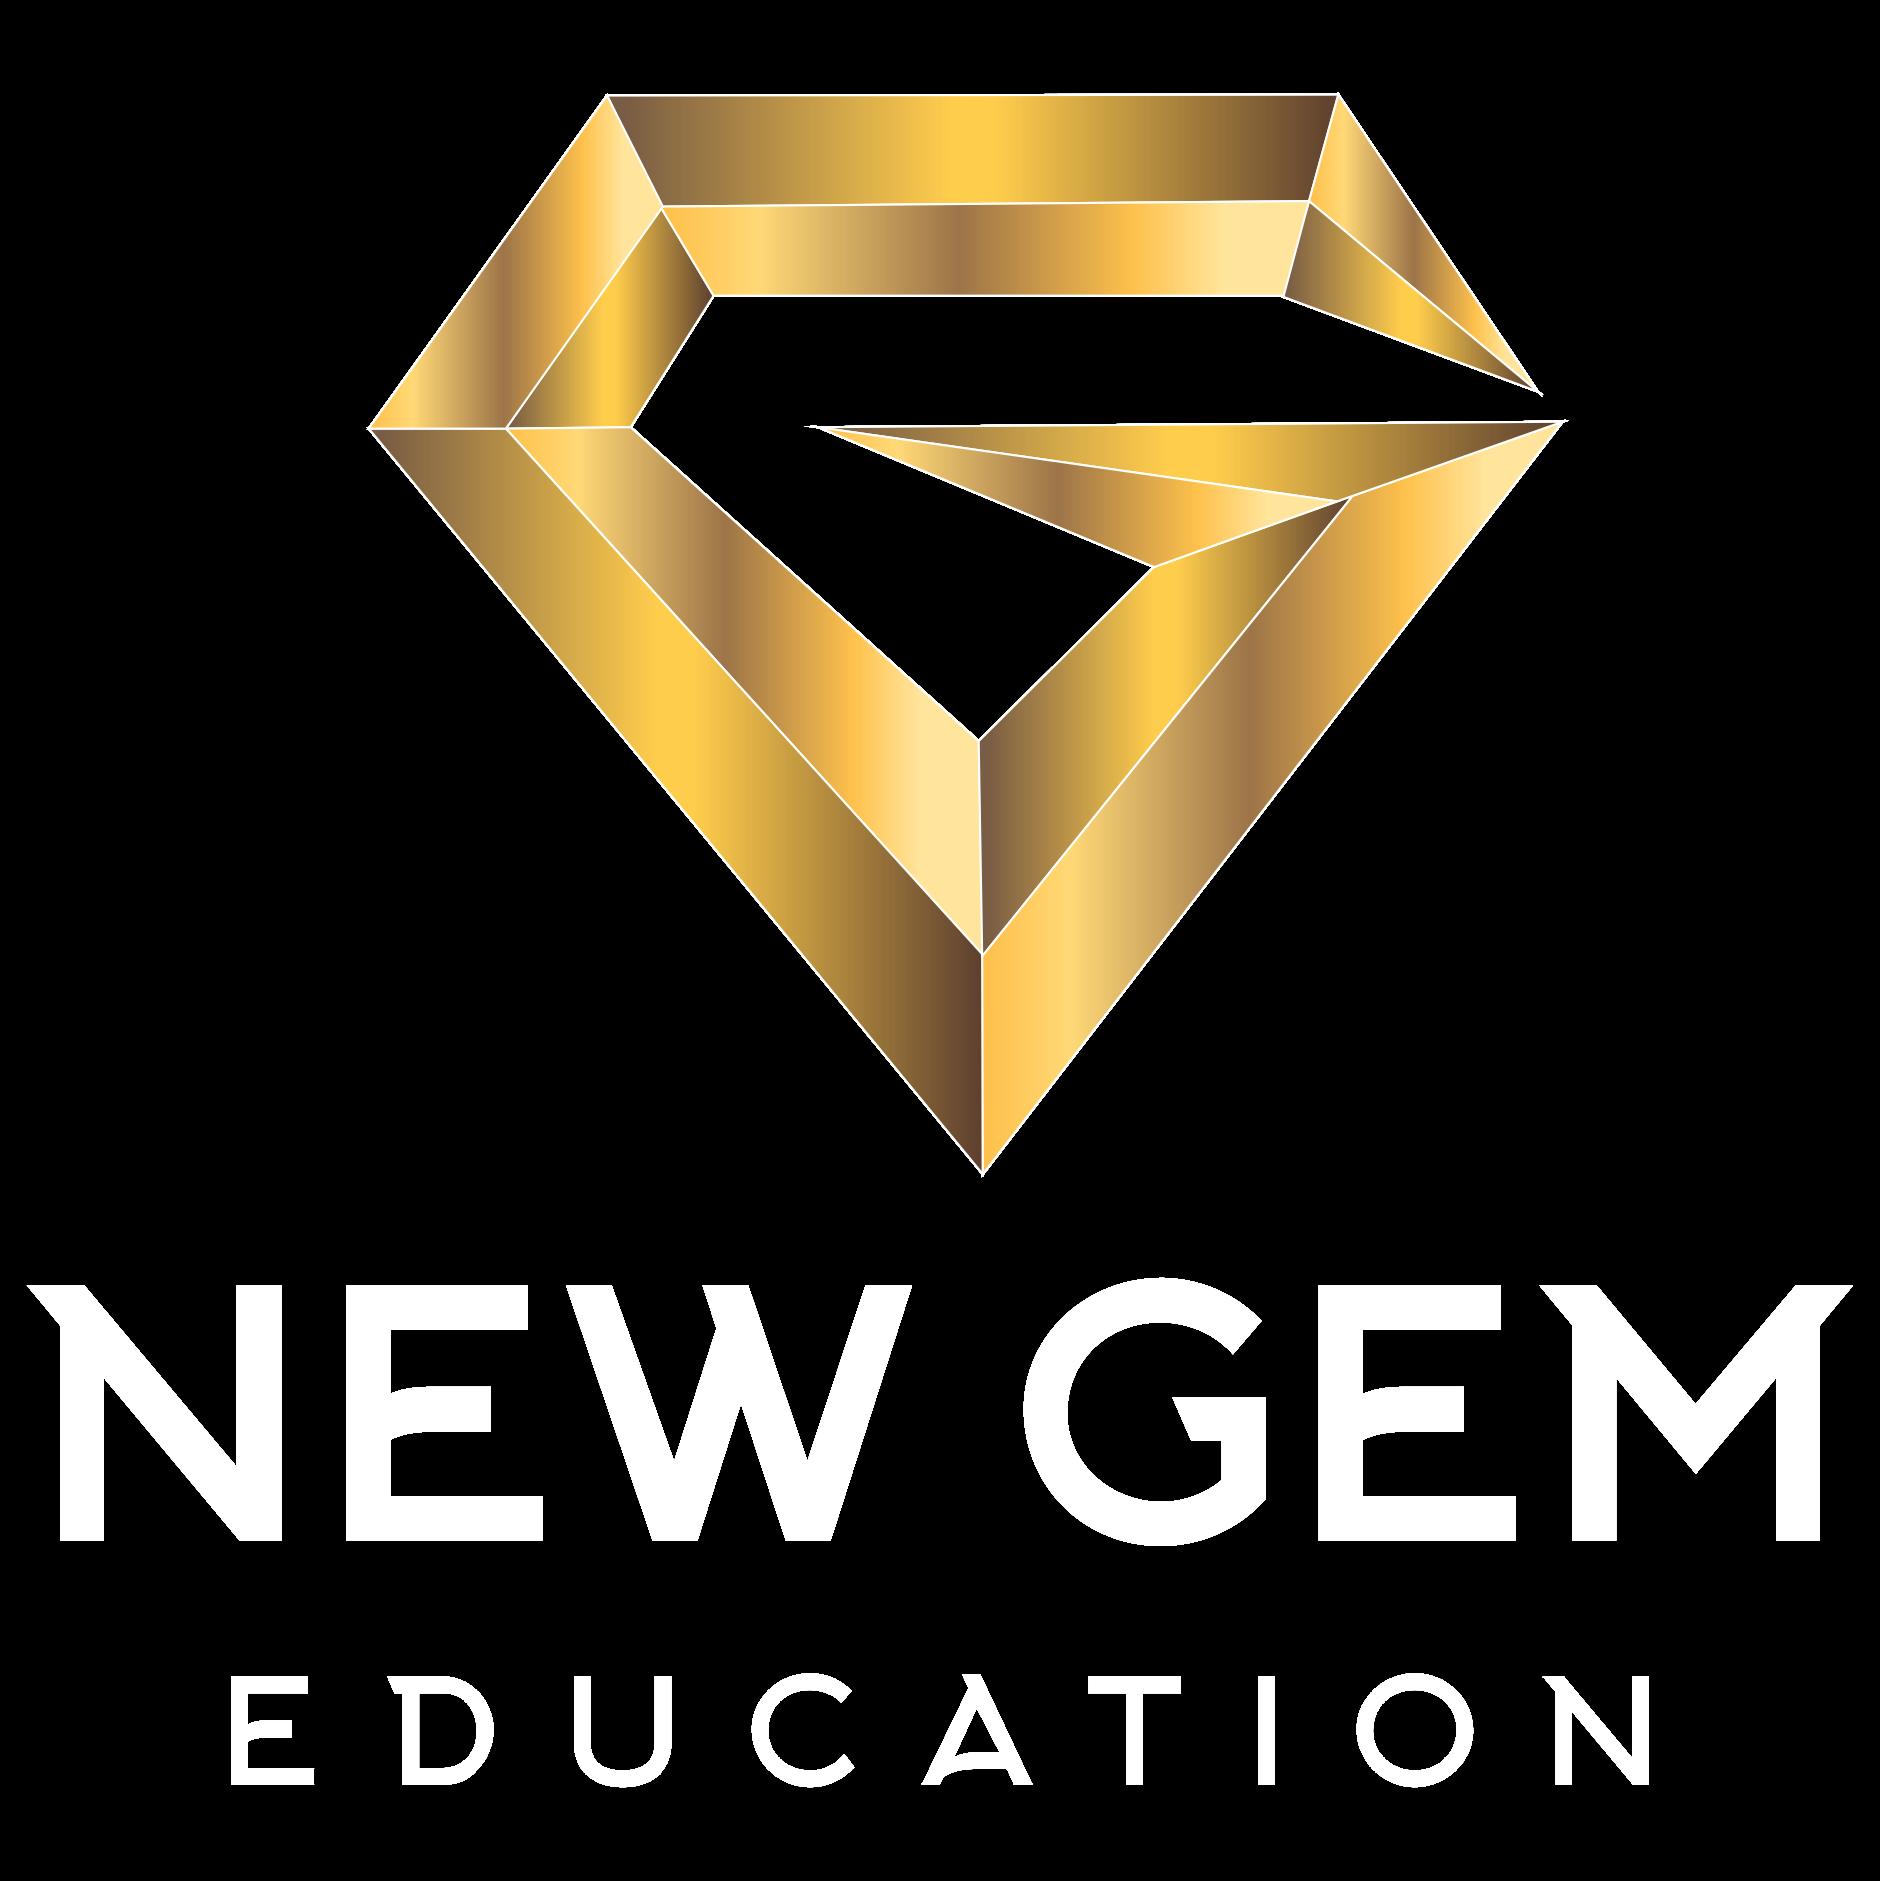 NewGem